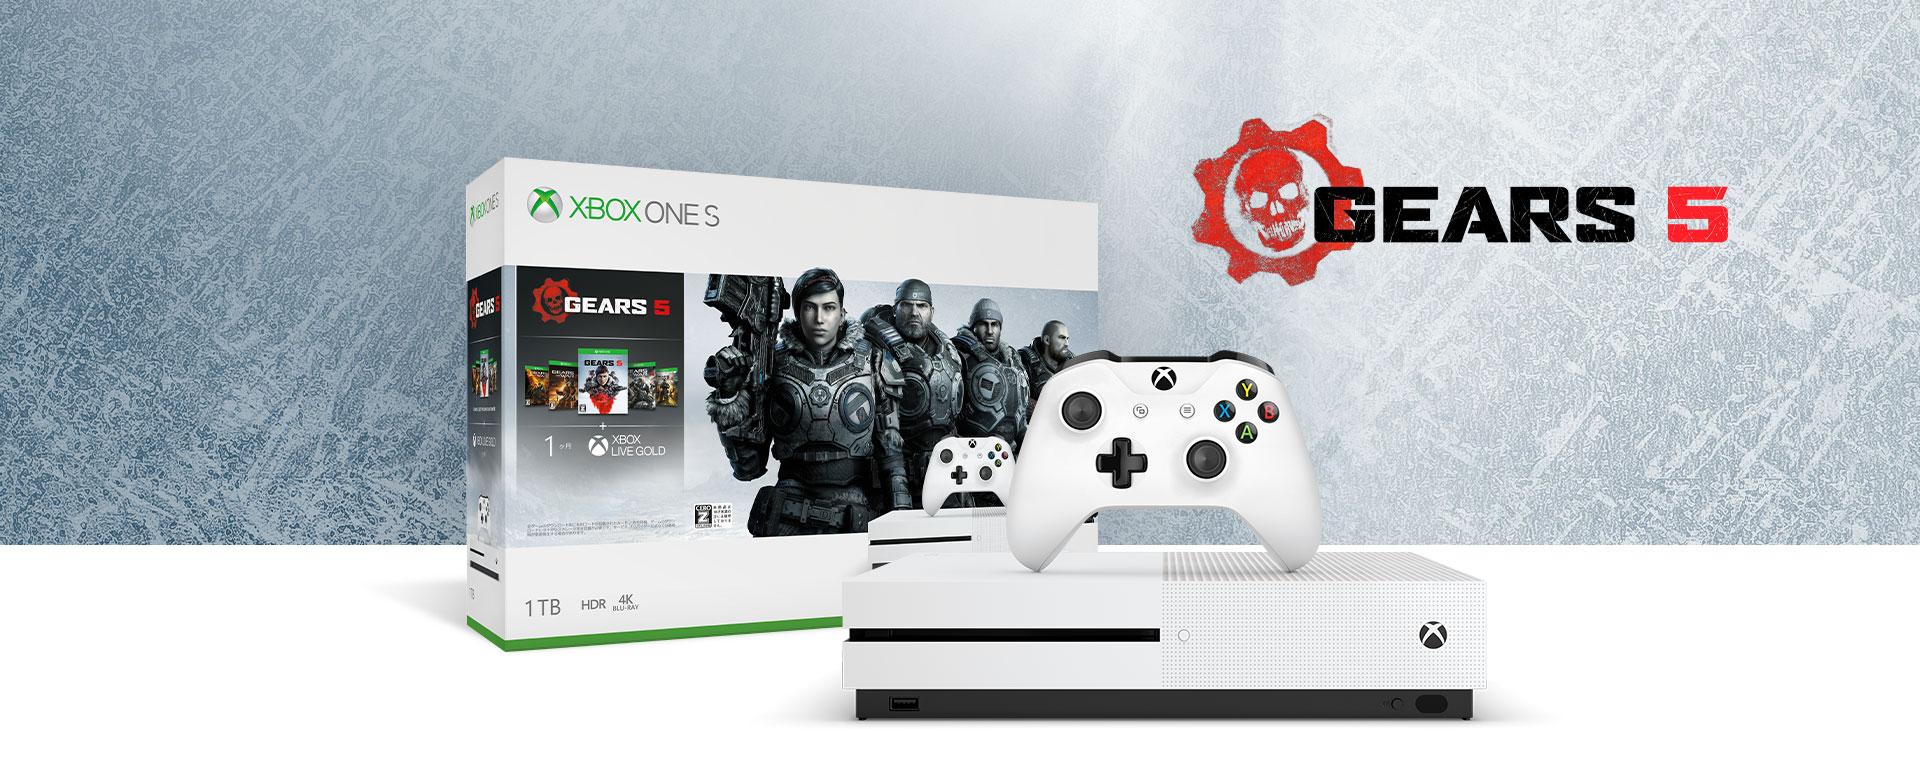 Gears 5 のアートが描かれているハードウェア バンドル ボックスの前にある Xbox One S 本体